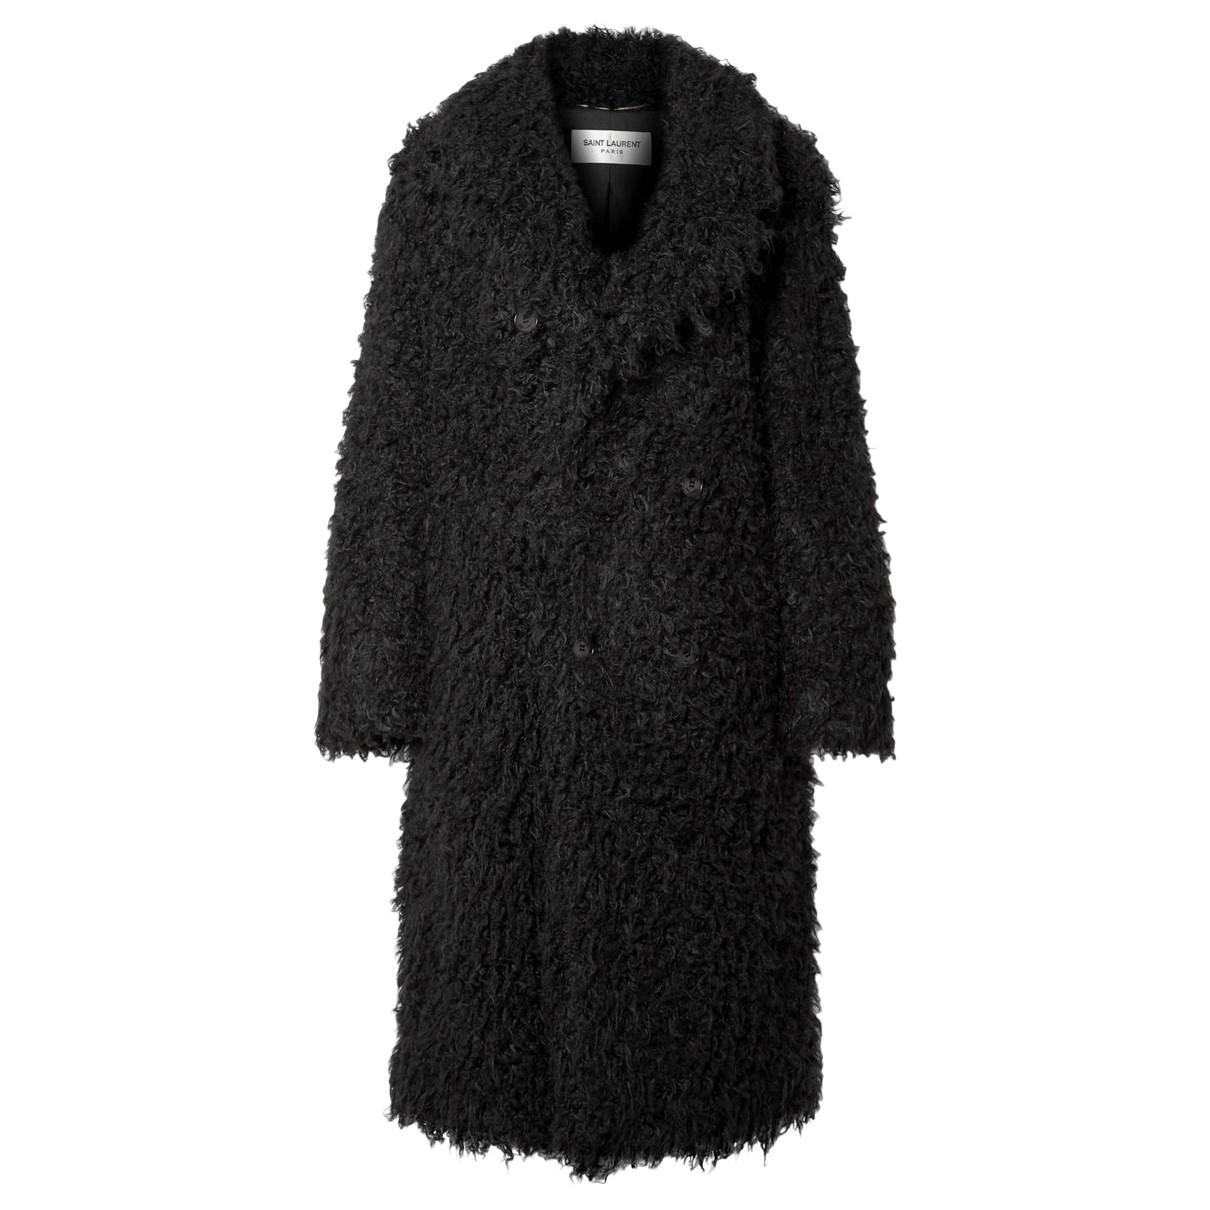 Saint Laurent N Black Faux fur coat for Women 42 FR